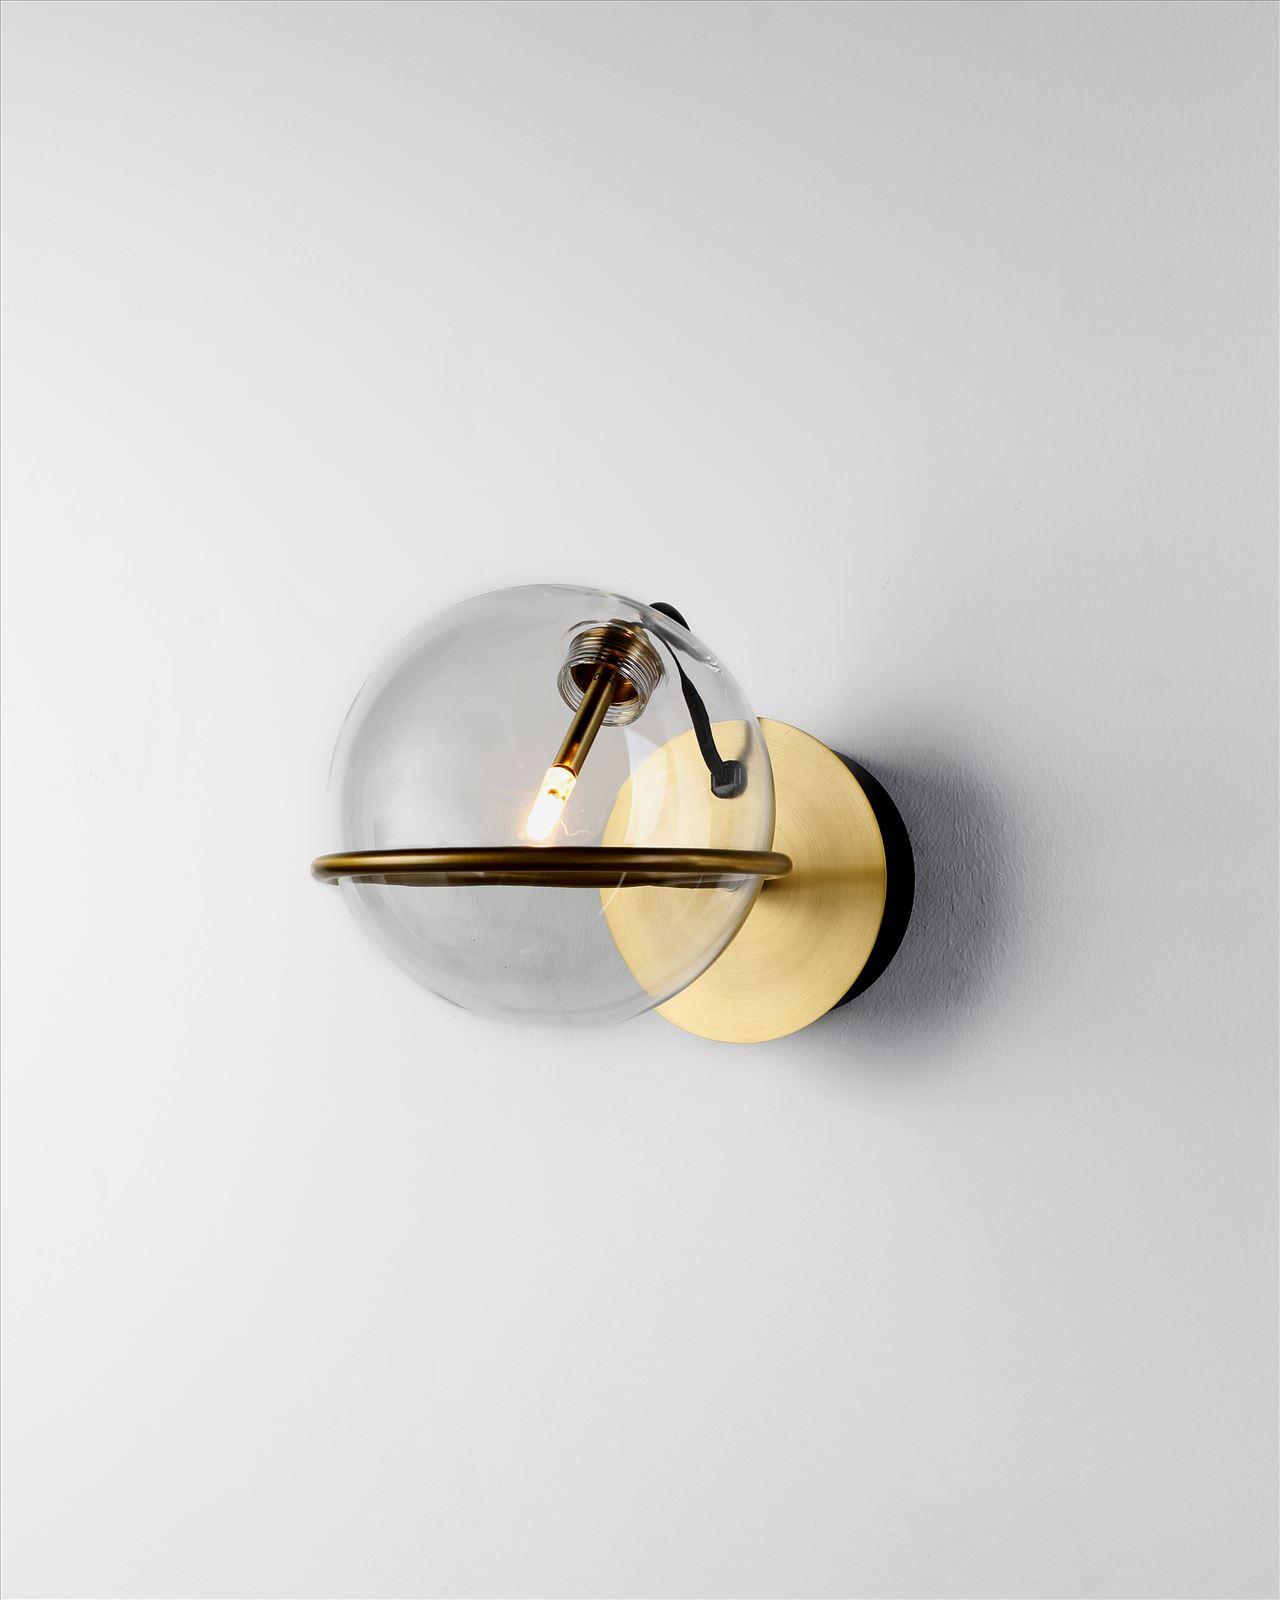 גופי תאורה בקטגוריית: מנורות קיר  ,שם המוצר: BOLSTER RING